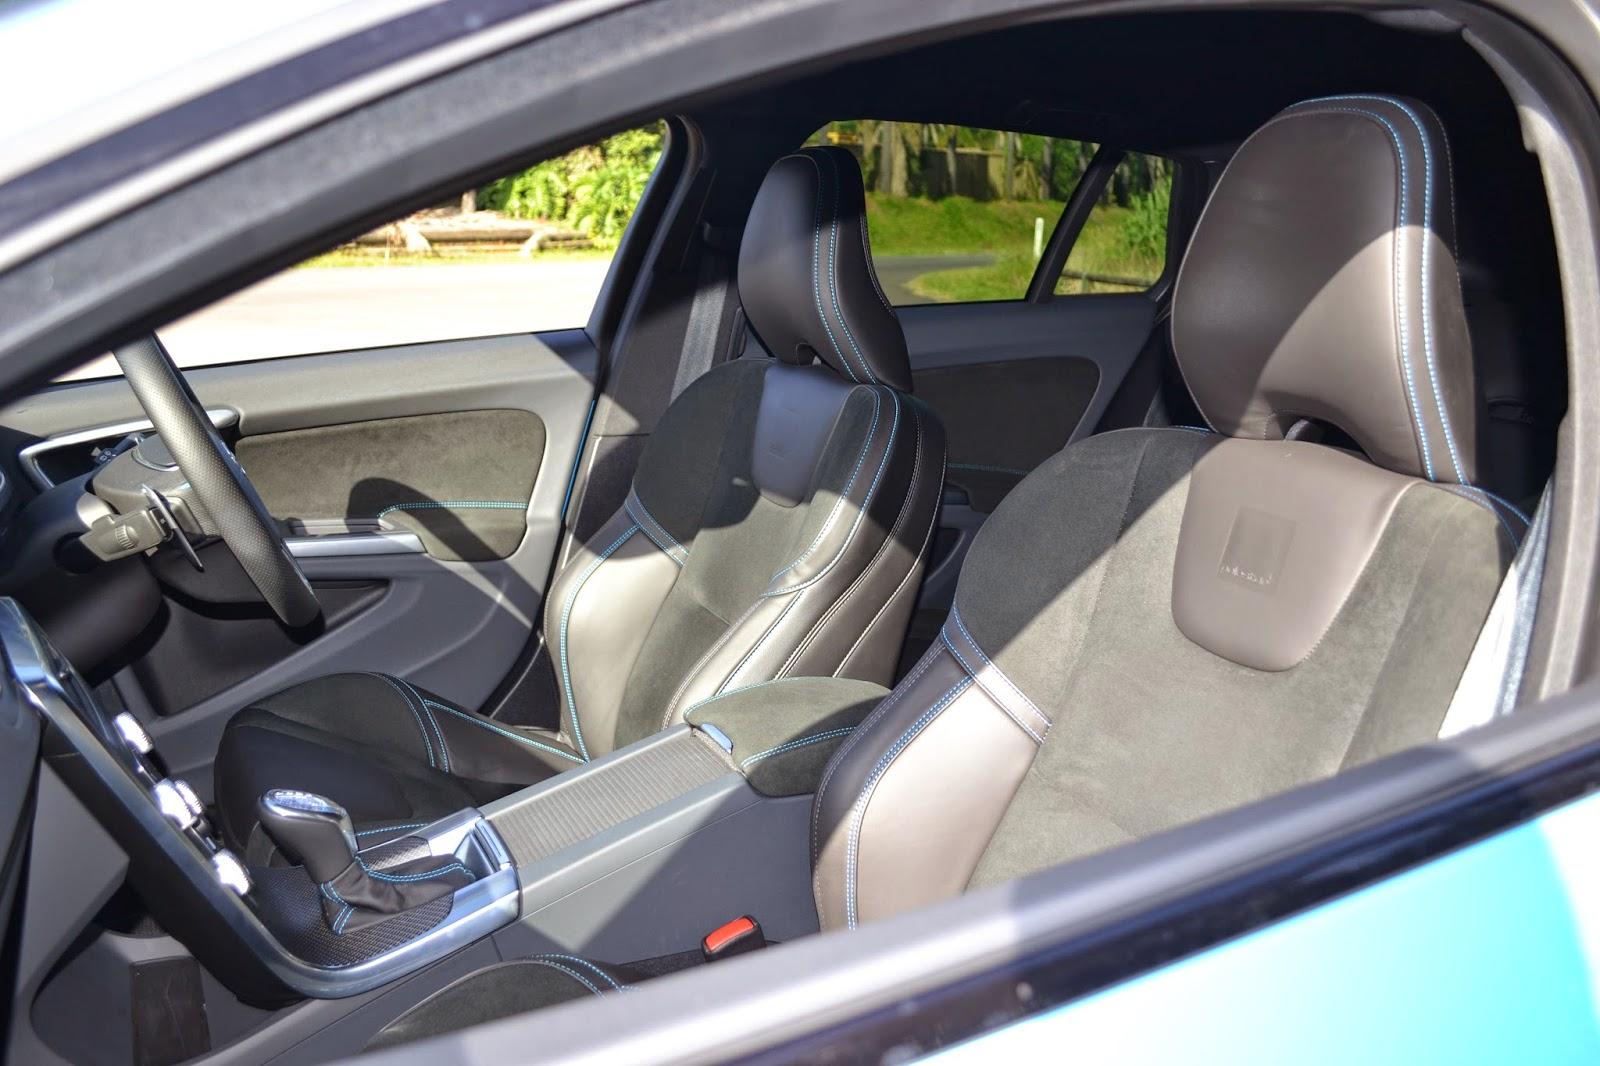 Volvo V60 Polestars wonderful sports seats